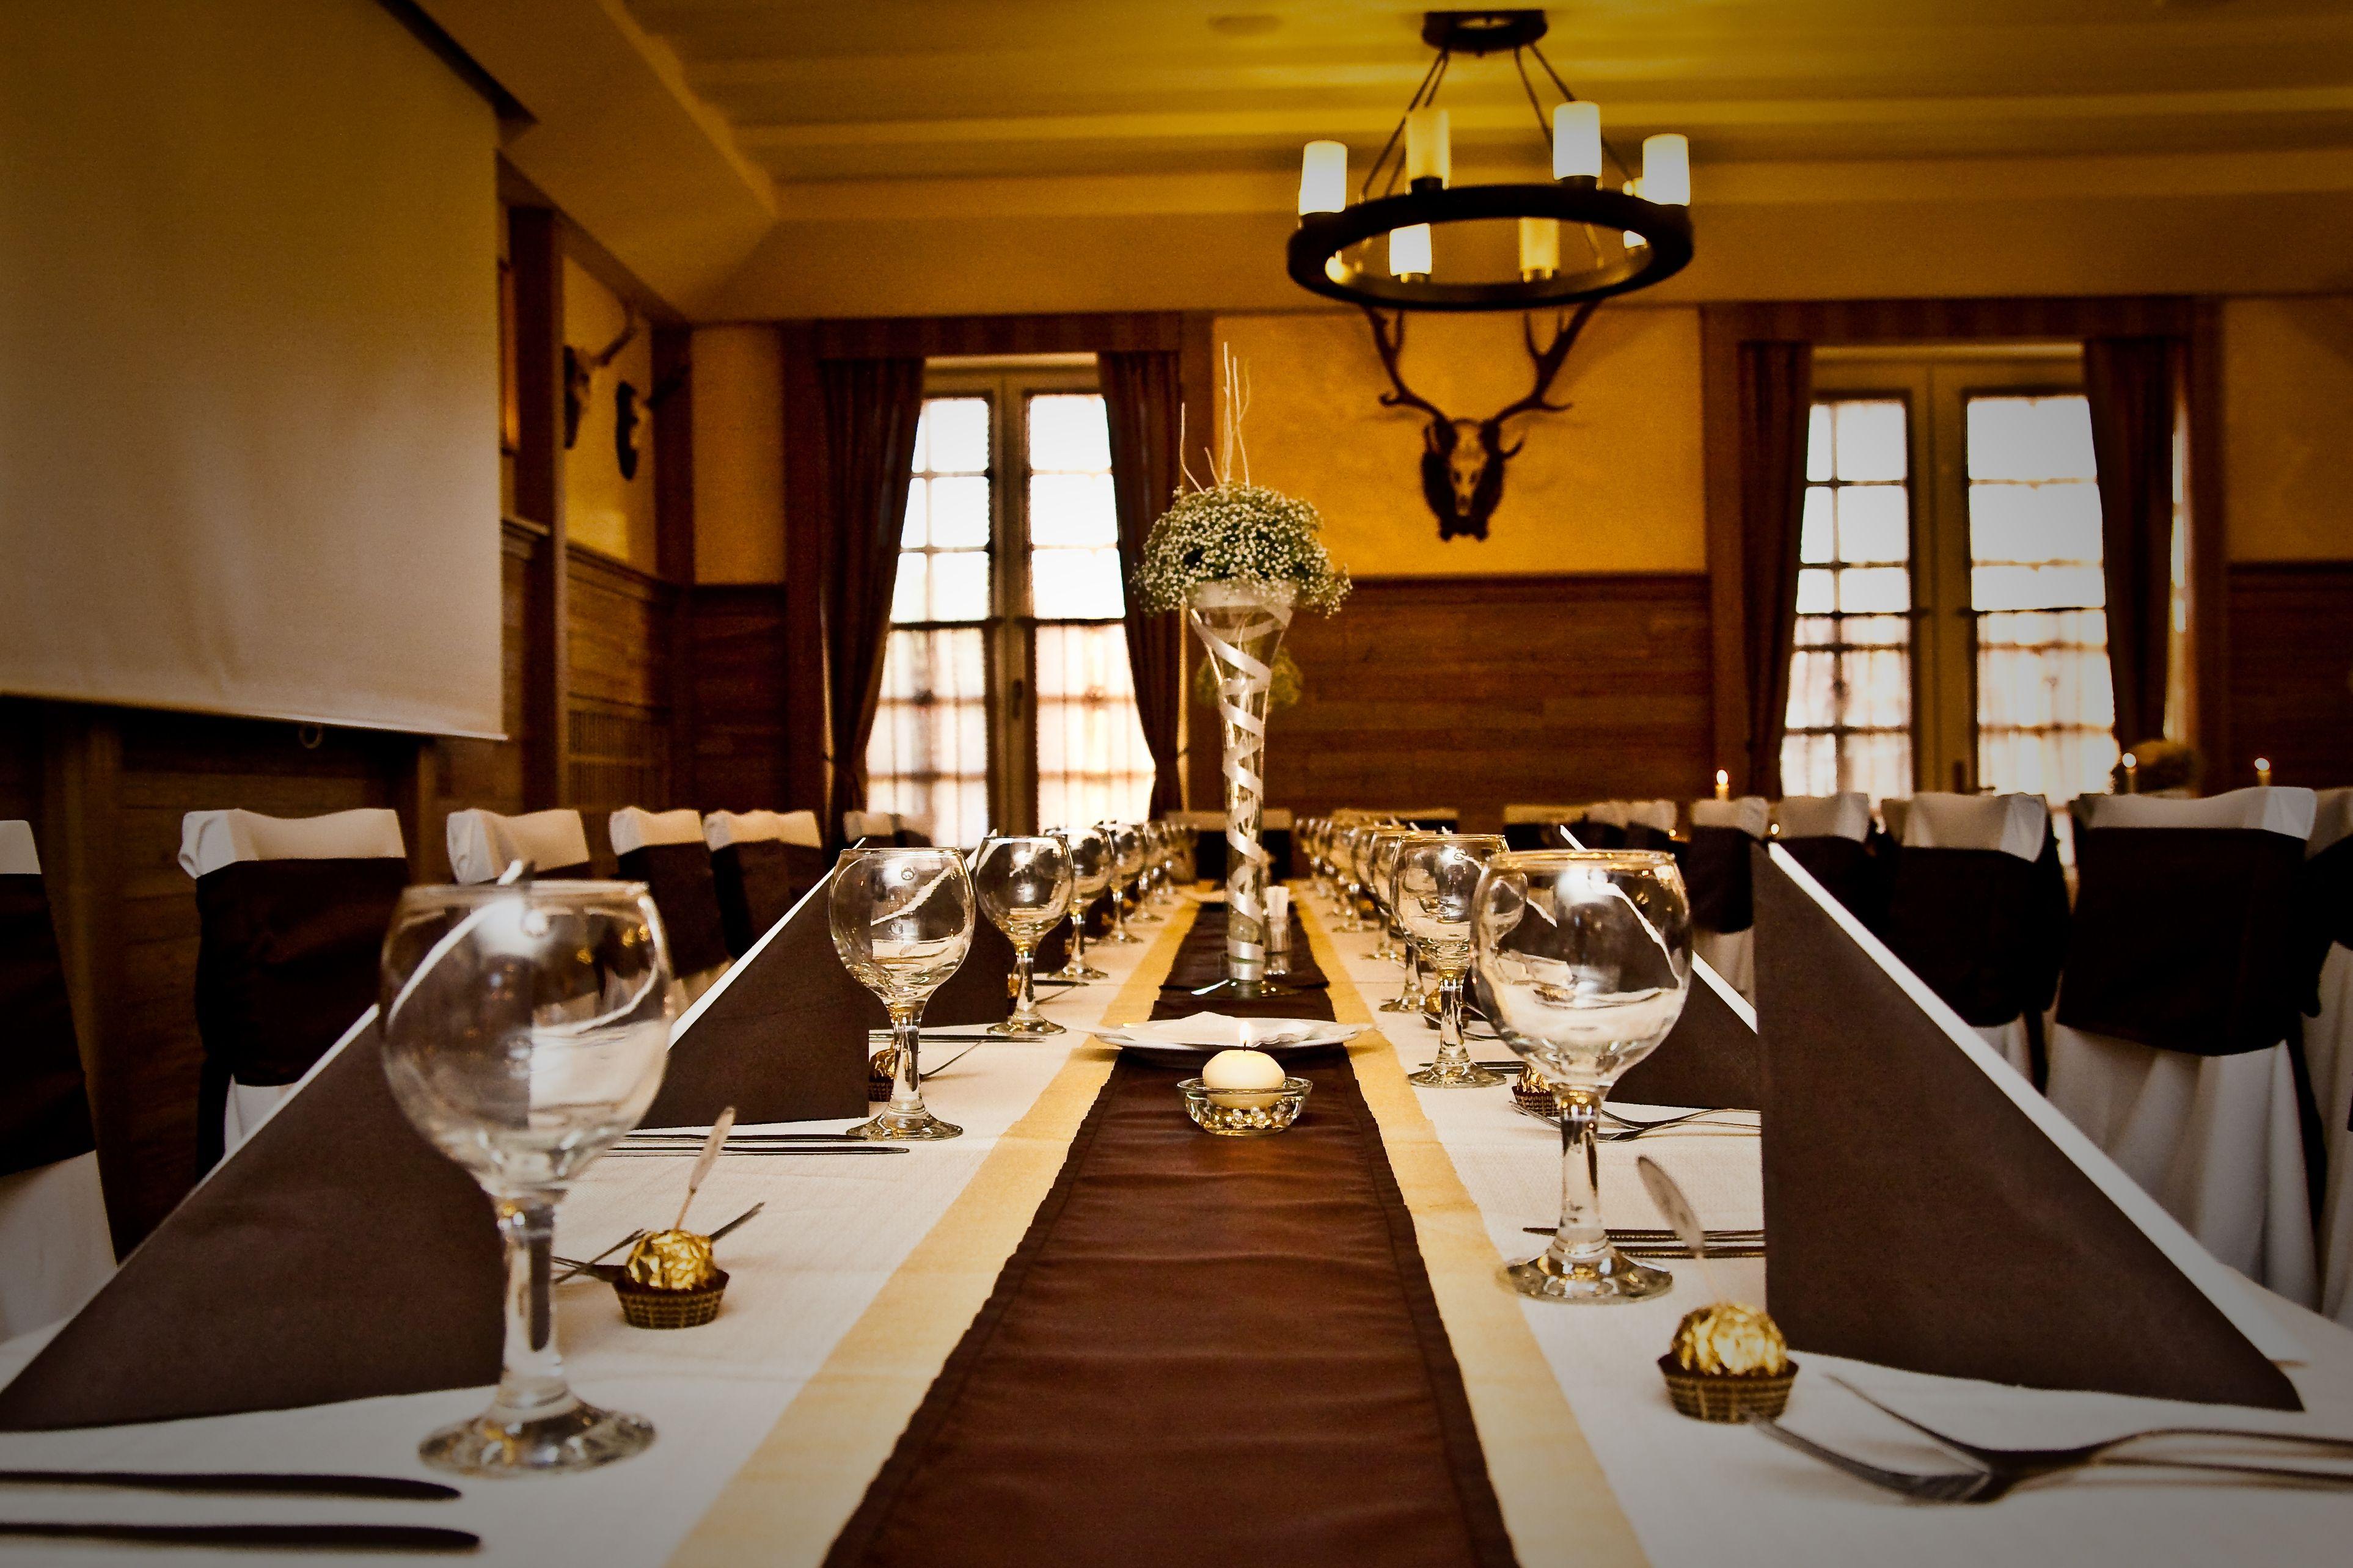 ee5e72d327 Barna és arany esküvői dekoráció székszoknyával és asztali dísszel - Brown  and gold wedding decoration with